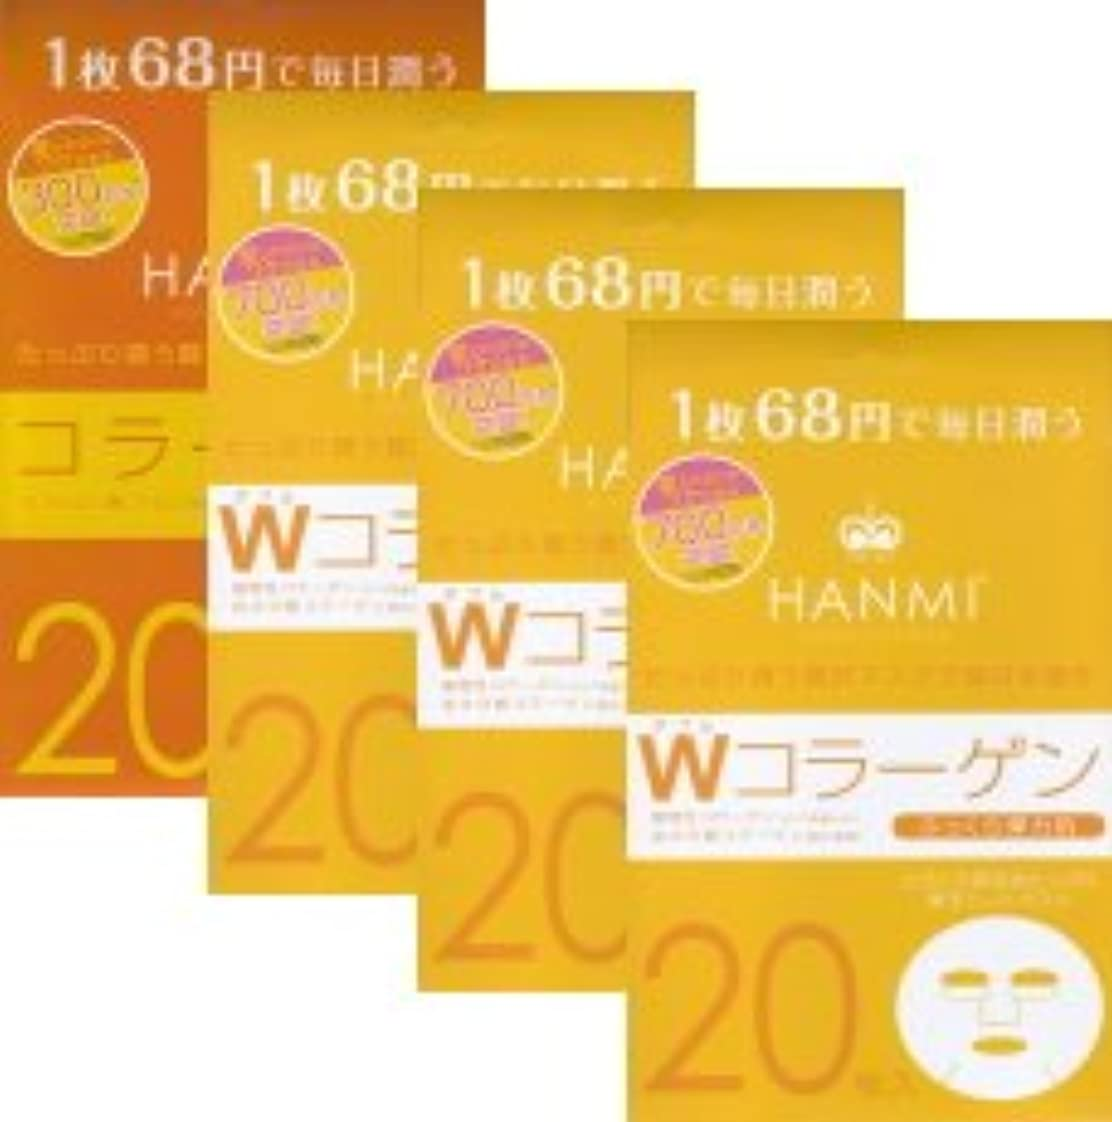 ホラー増幅する現実MIGAKI ハンミフェイスマスク(20枚入り)「コラーゲン×1個」「Wコラーゲン×3個」の4個セット